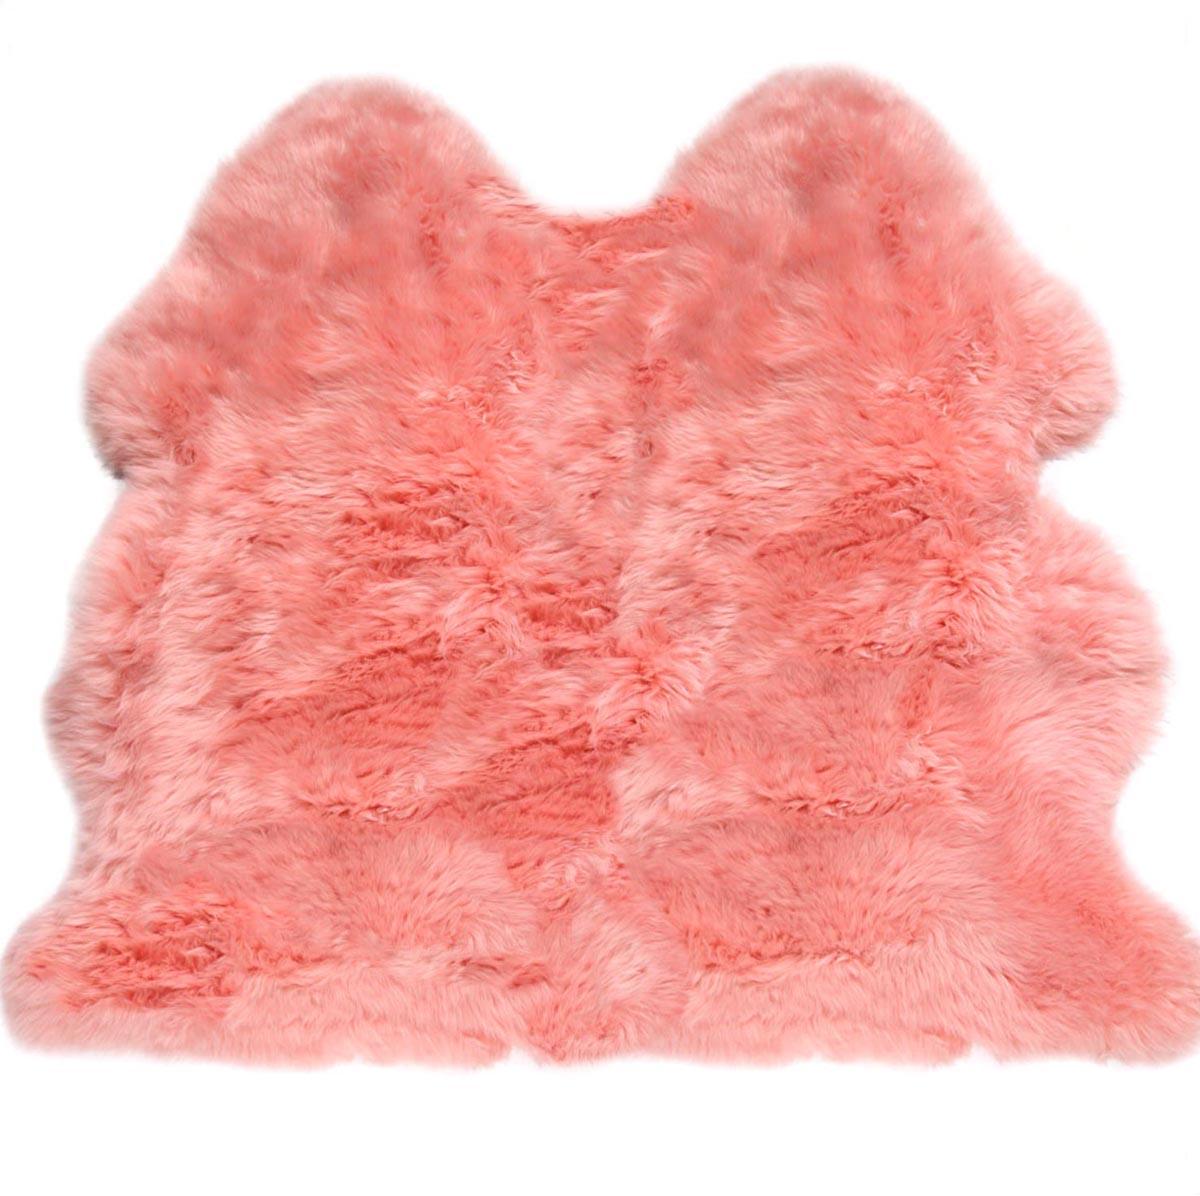 Extra Large Très Doux Luxe Épais Épais Épais Laine Rose Tapis en Peau de Mouton Original | Sale  d724e7